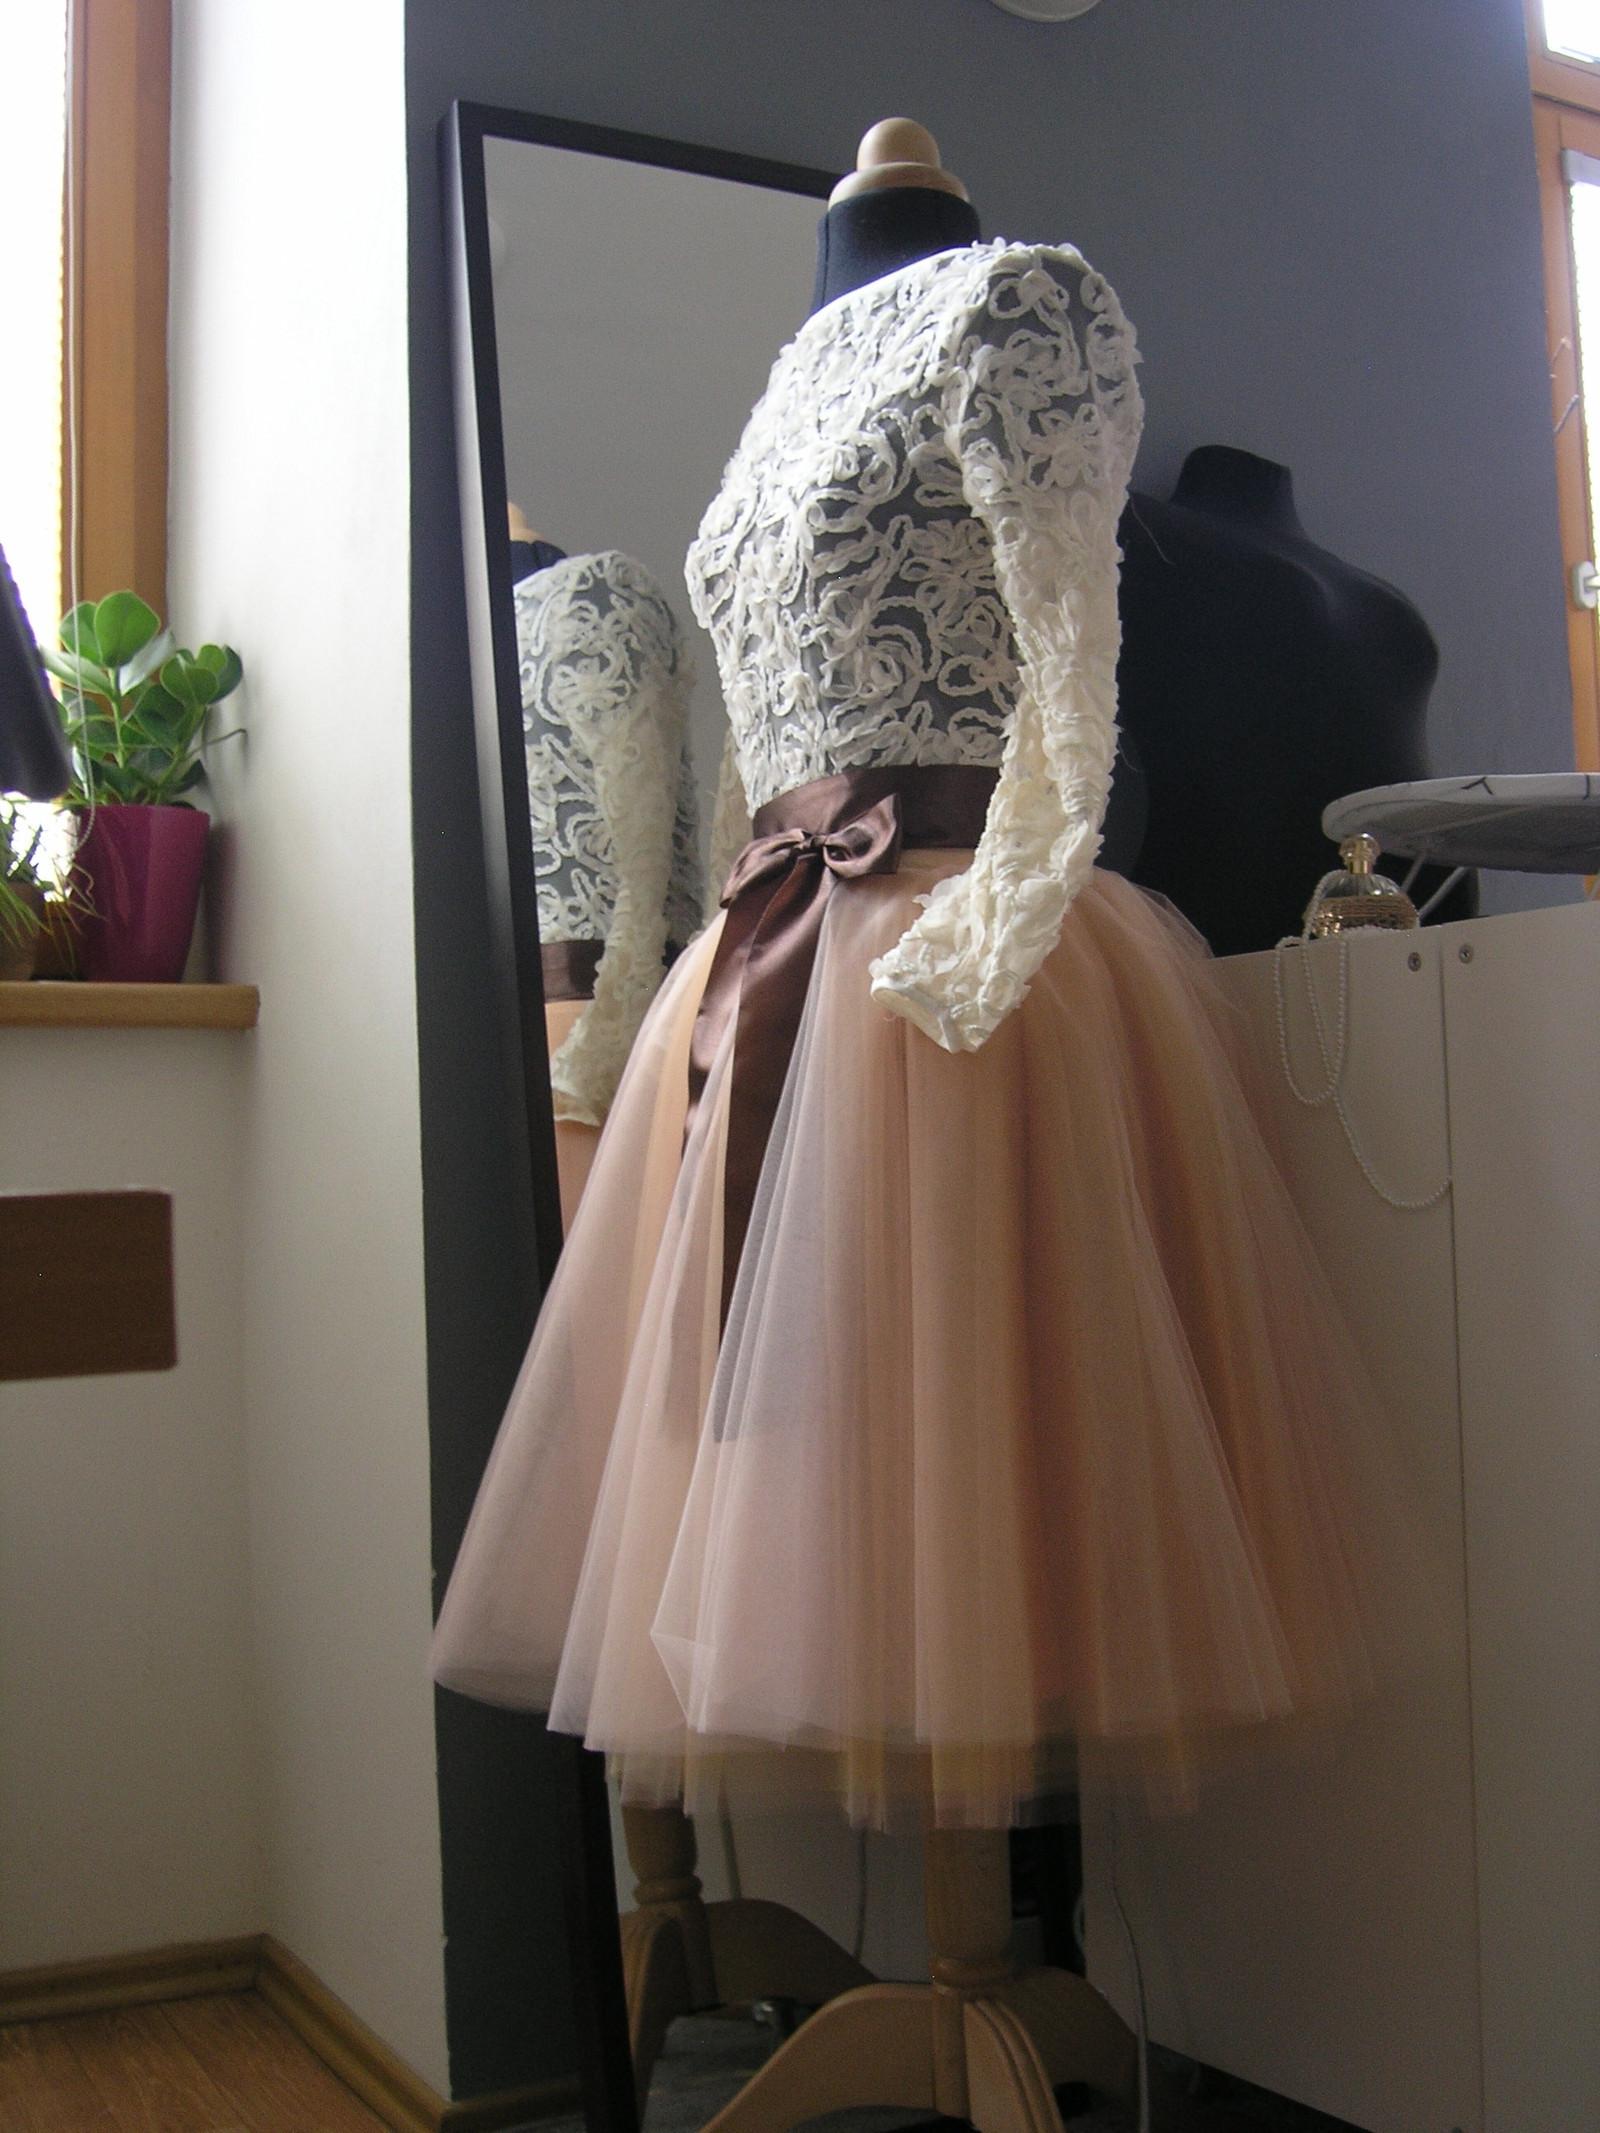 b8ee85dc6852 Champagne svatební sukně + krajkový top   Zboží prodejce ceasara ...